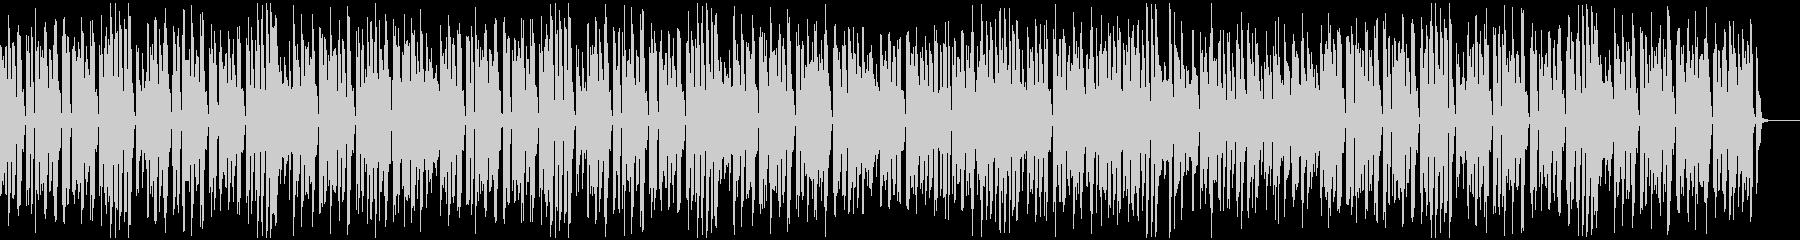 ゆったりシブかわいい王道ジャズピアノの未再生の波形